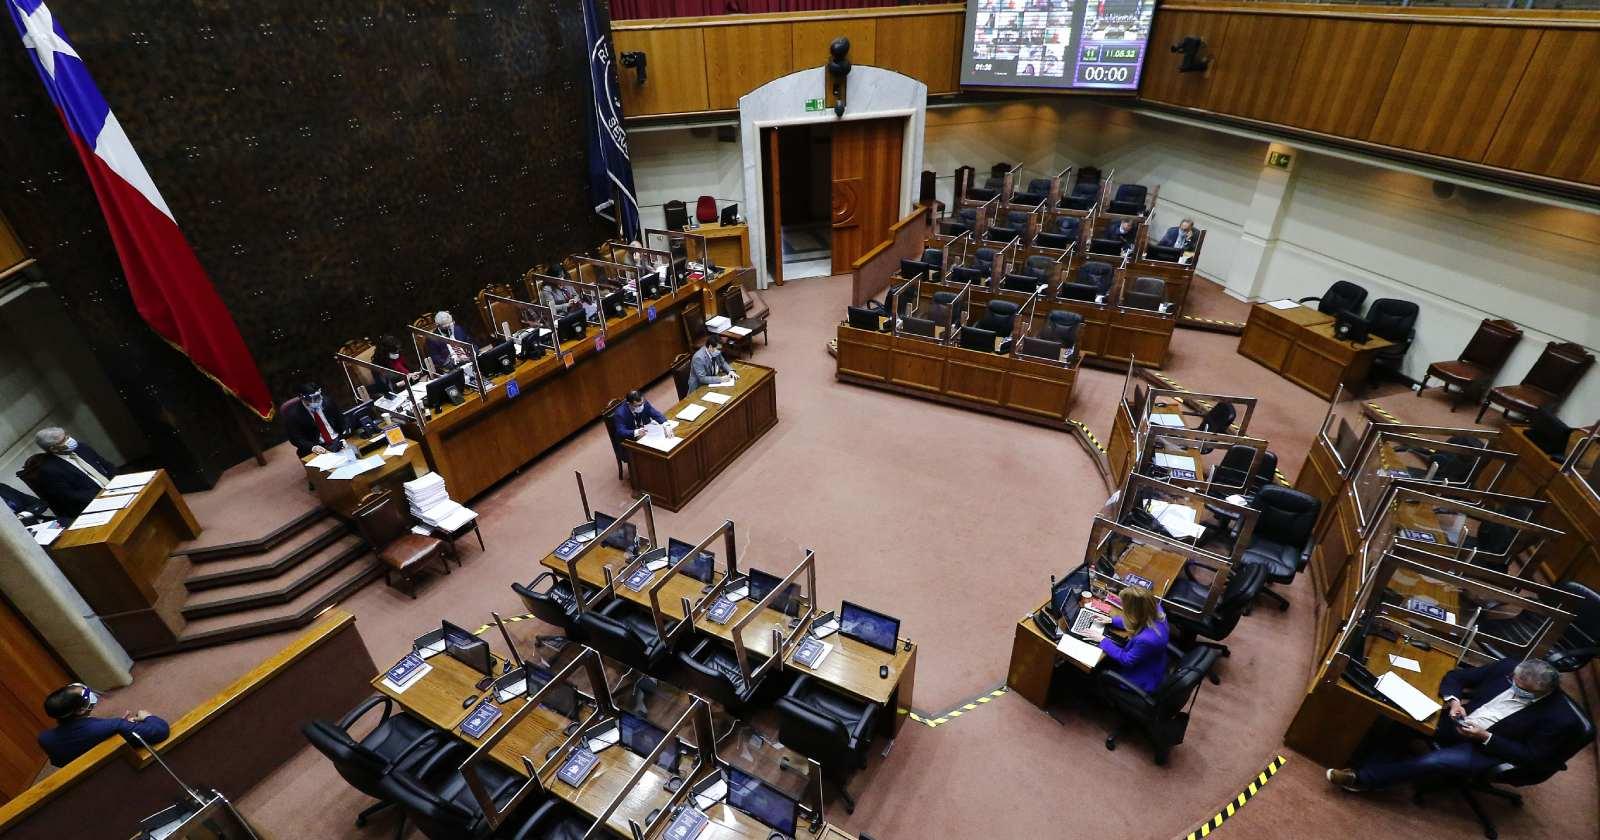 Auditoría al Senado revela pagos en exceso por más de $208 millones a funcionarios